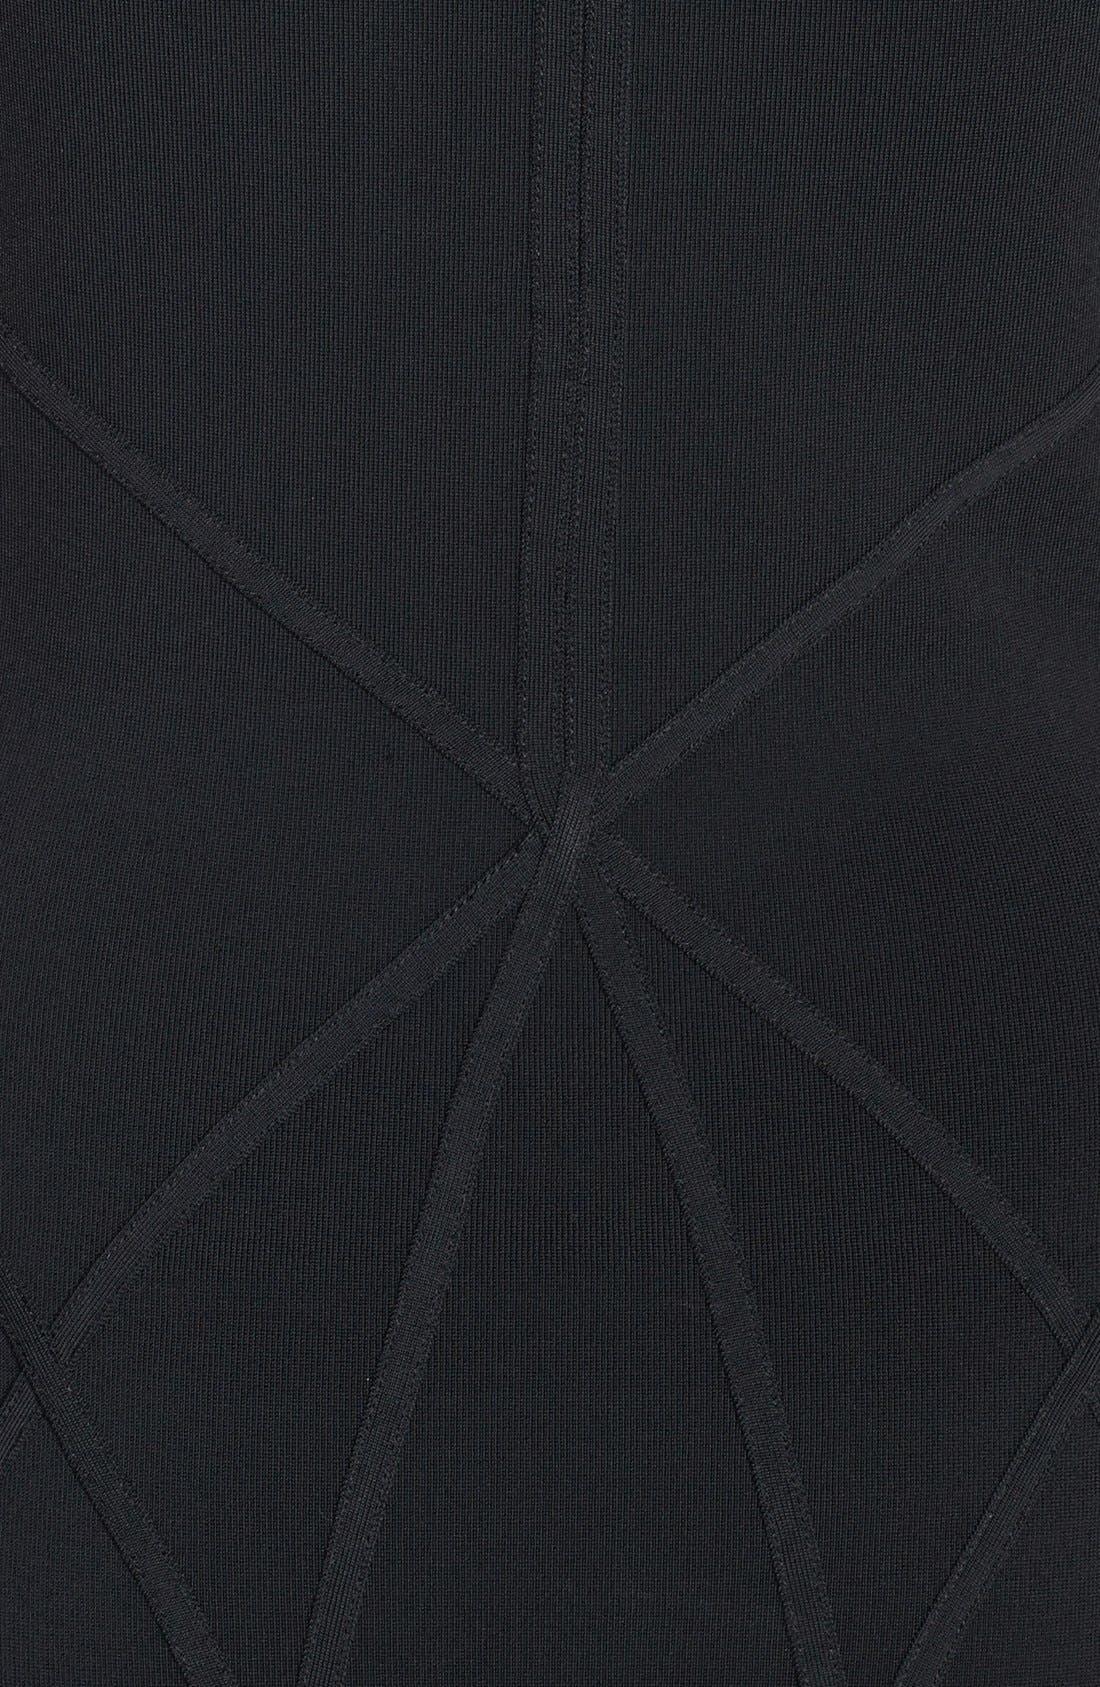 Alternate Image 3  - Diane von Furstenberg 'St. Petersburg' Knit A-Line Dress